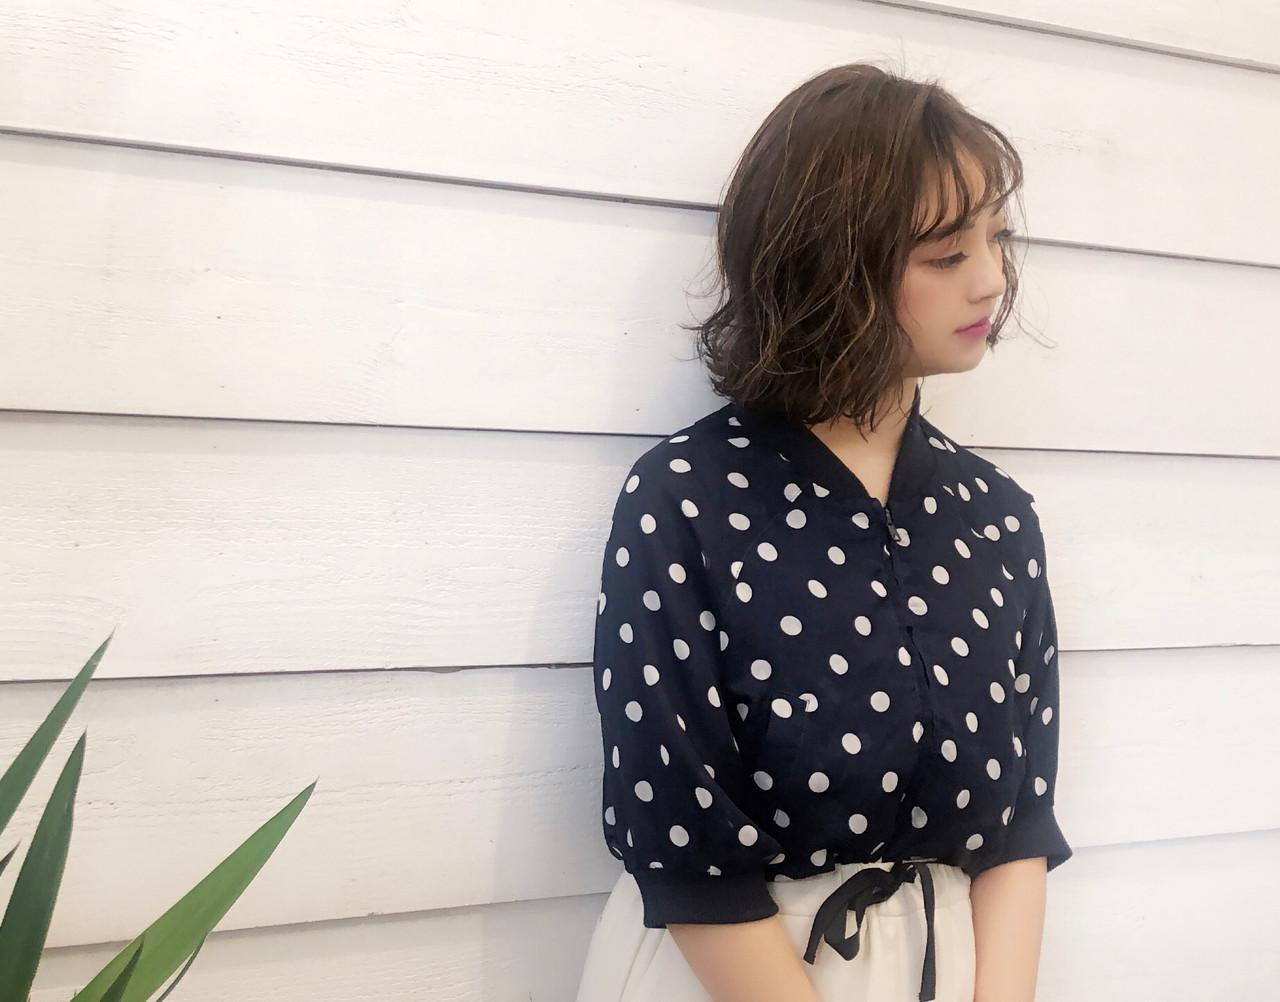 ヘアアレンジ 外国人風 外国人風カラー 3Dカラー ヘアスタイルや髪型の写真・画像 | YUKA / NEWLINE